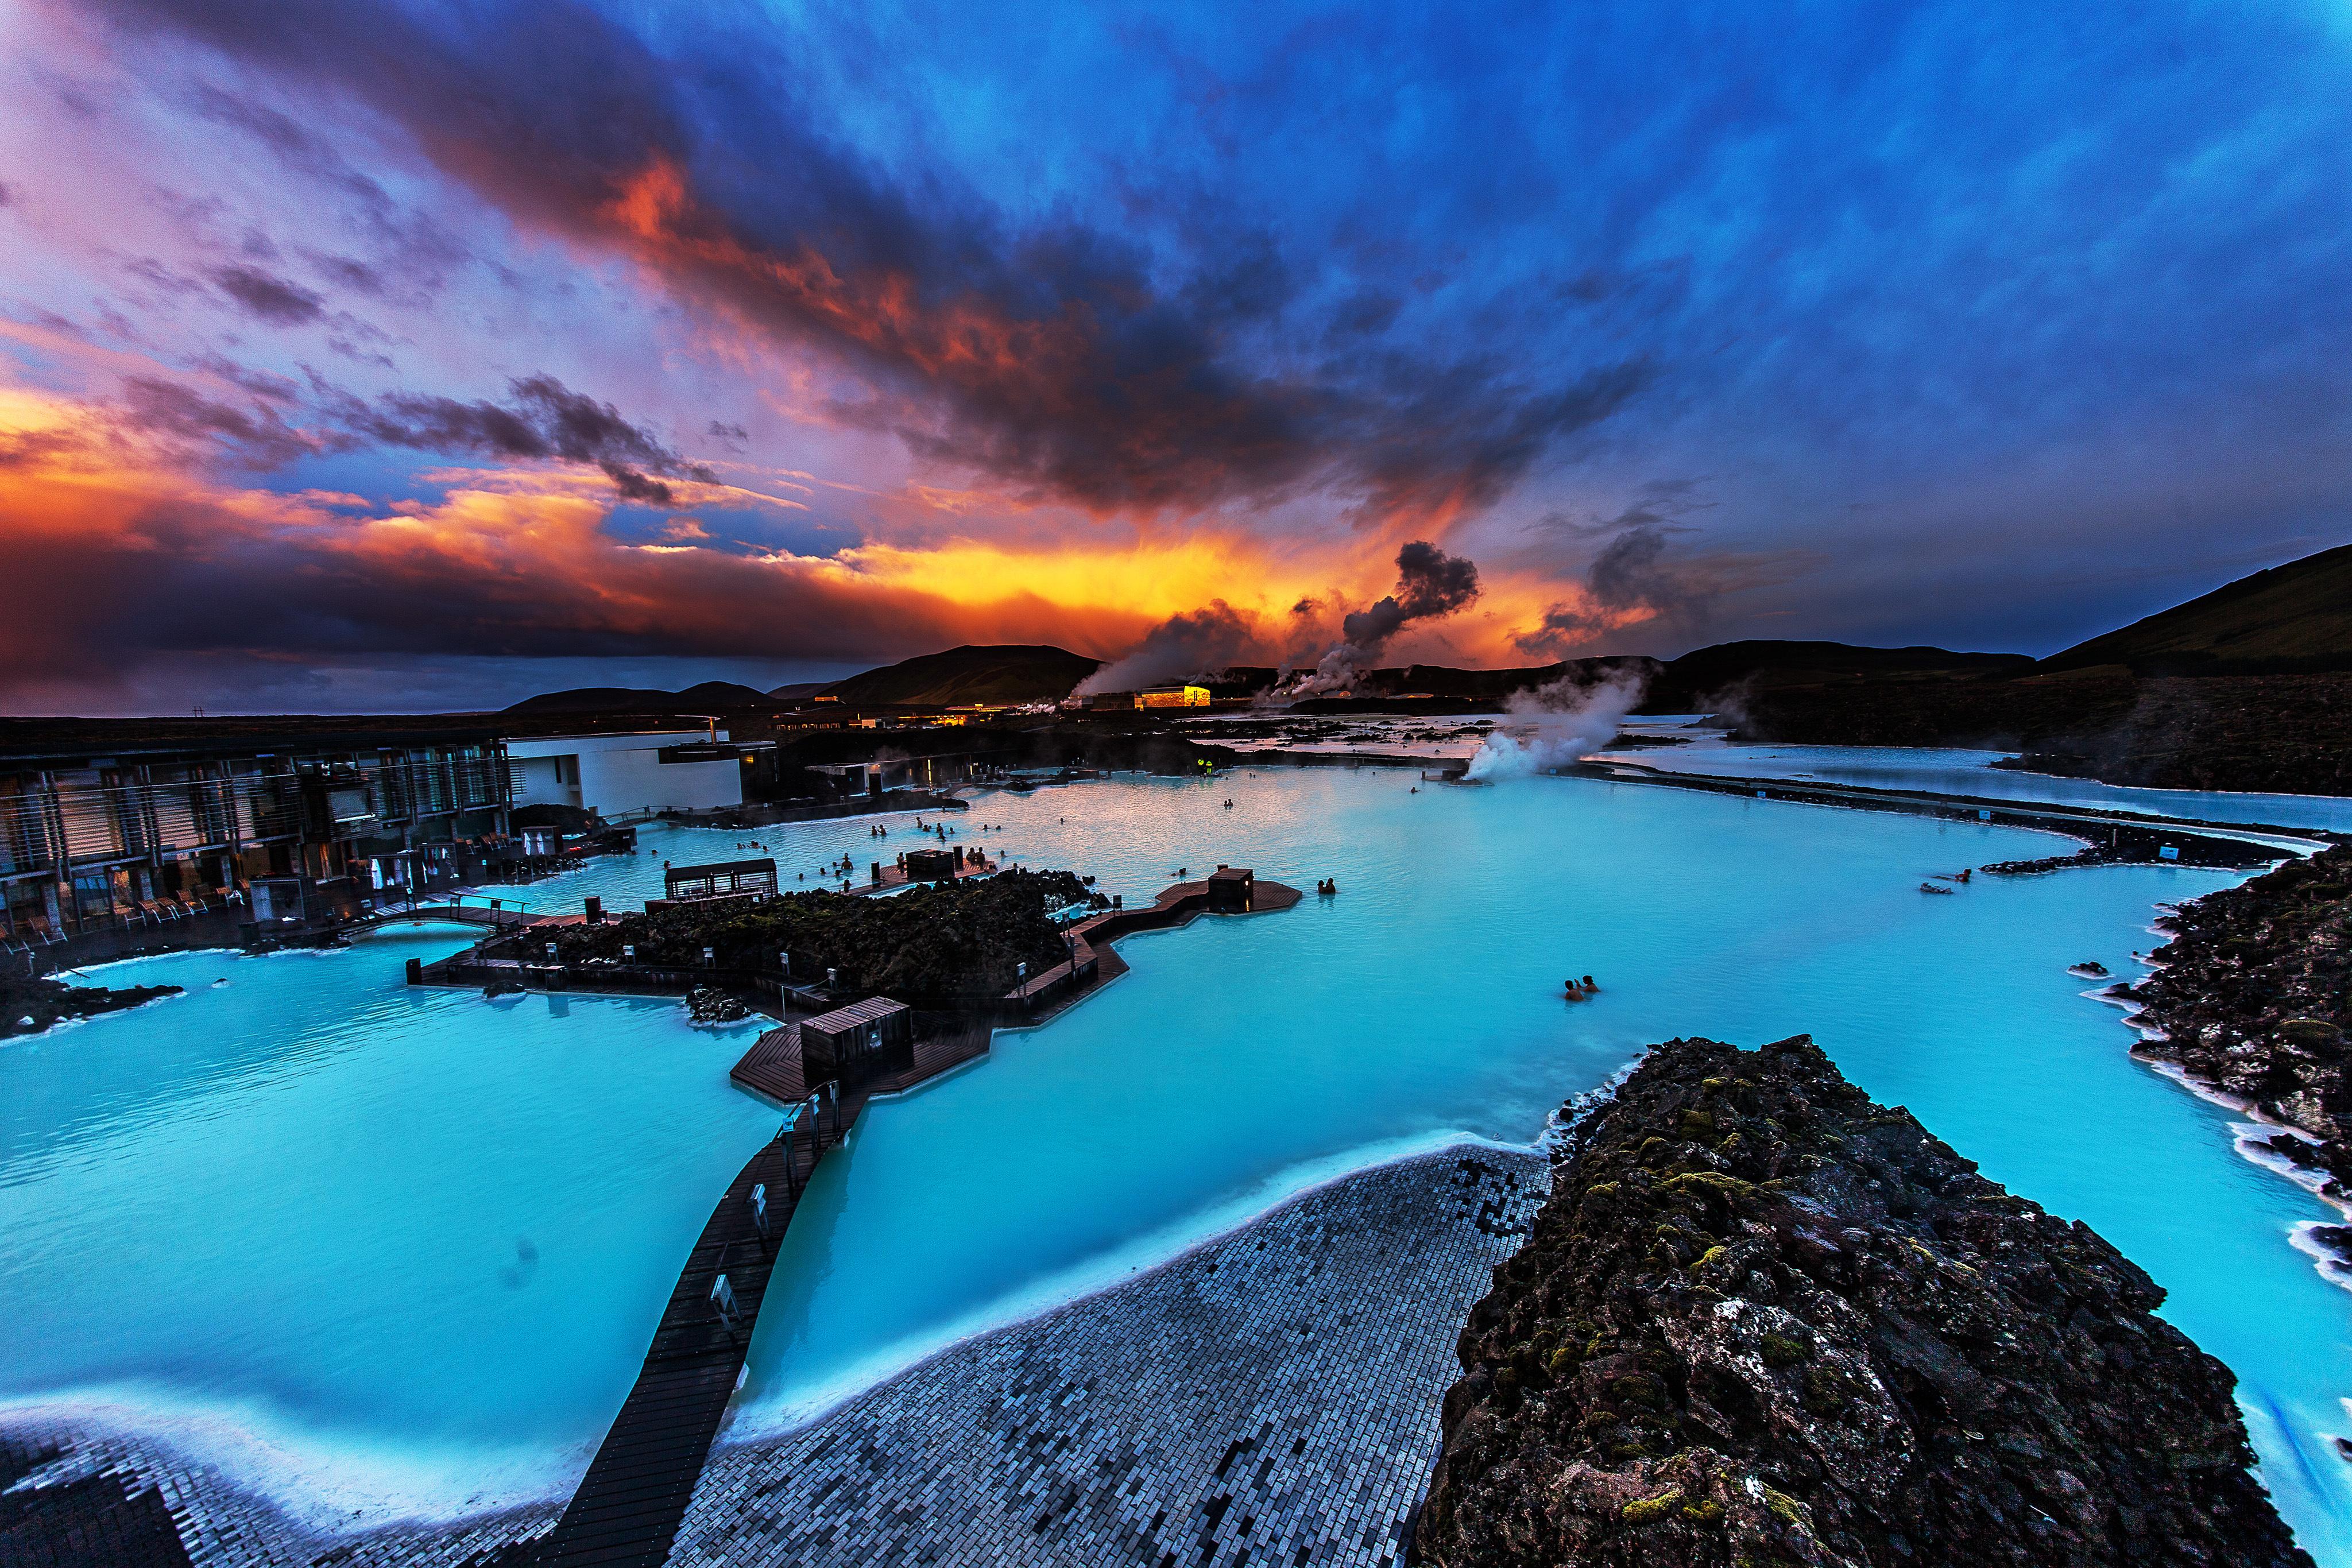 Геотермальный спа-комплекс Голубая лагуна, как следует из названия, знаменит лазурным цветом своей воды.